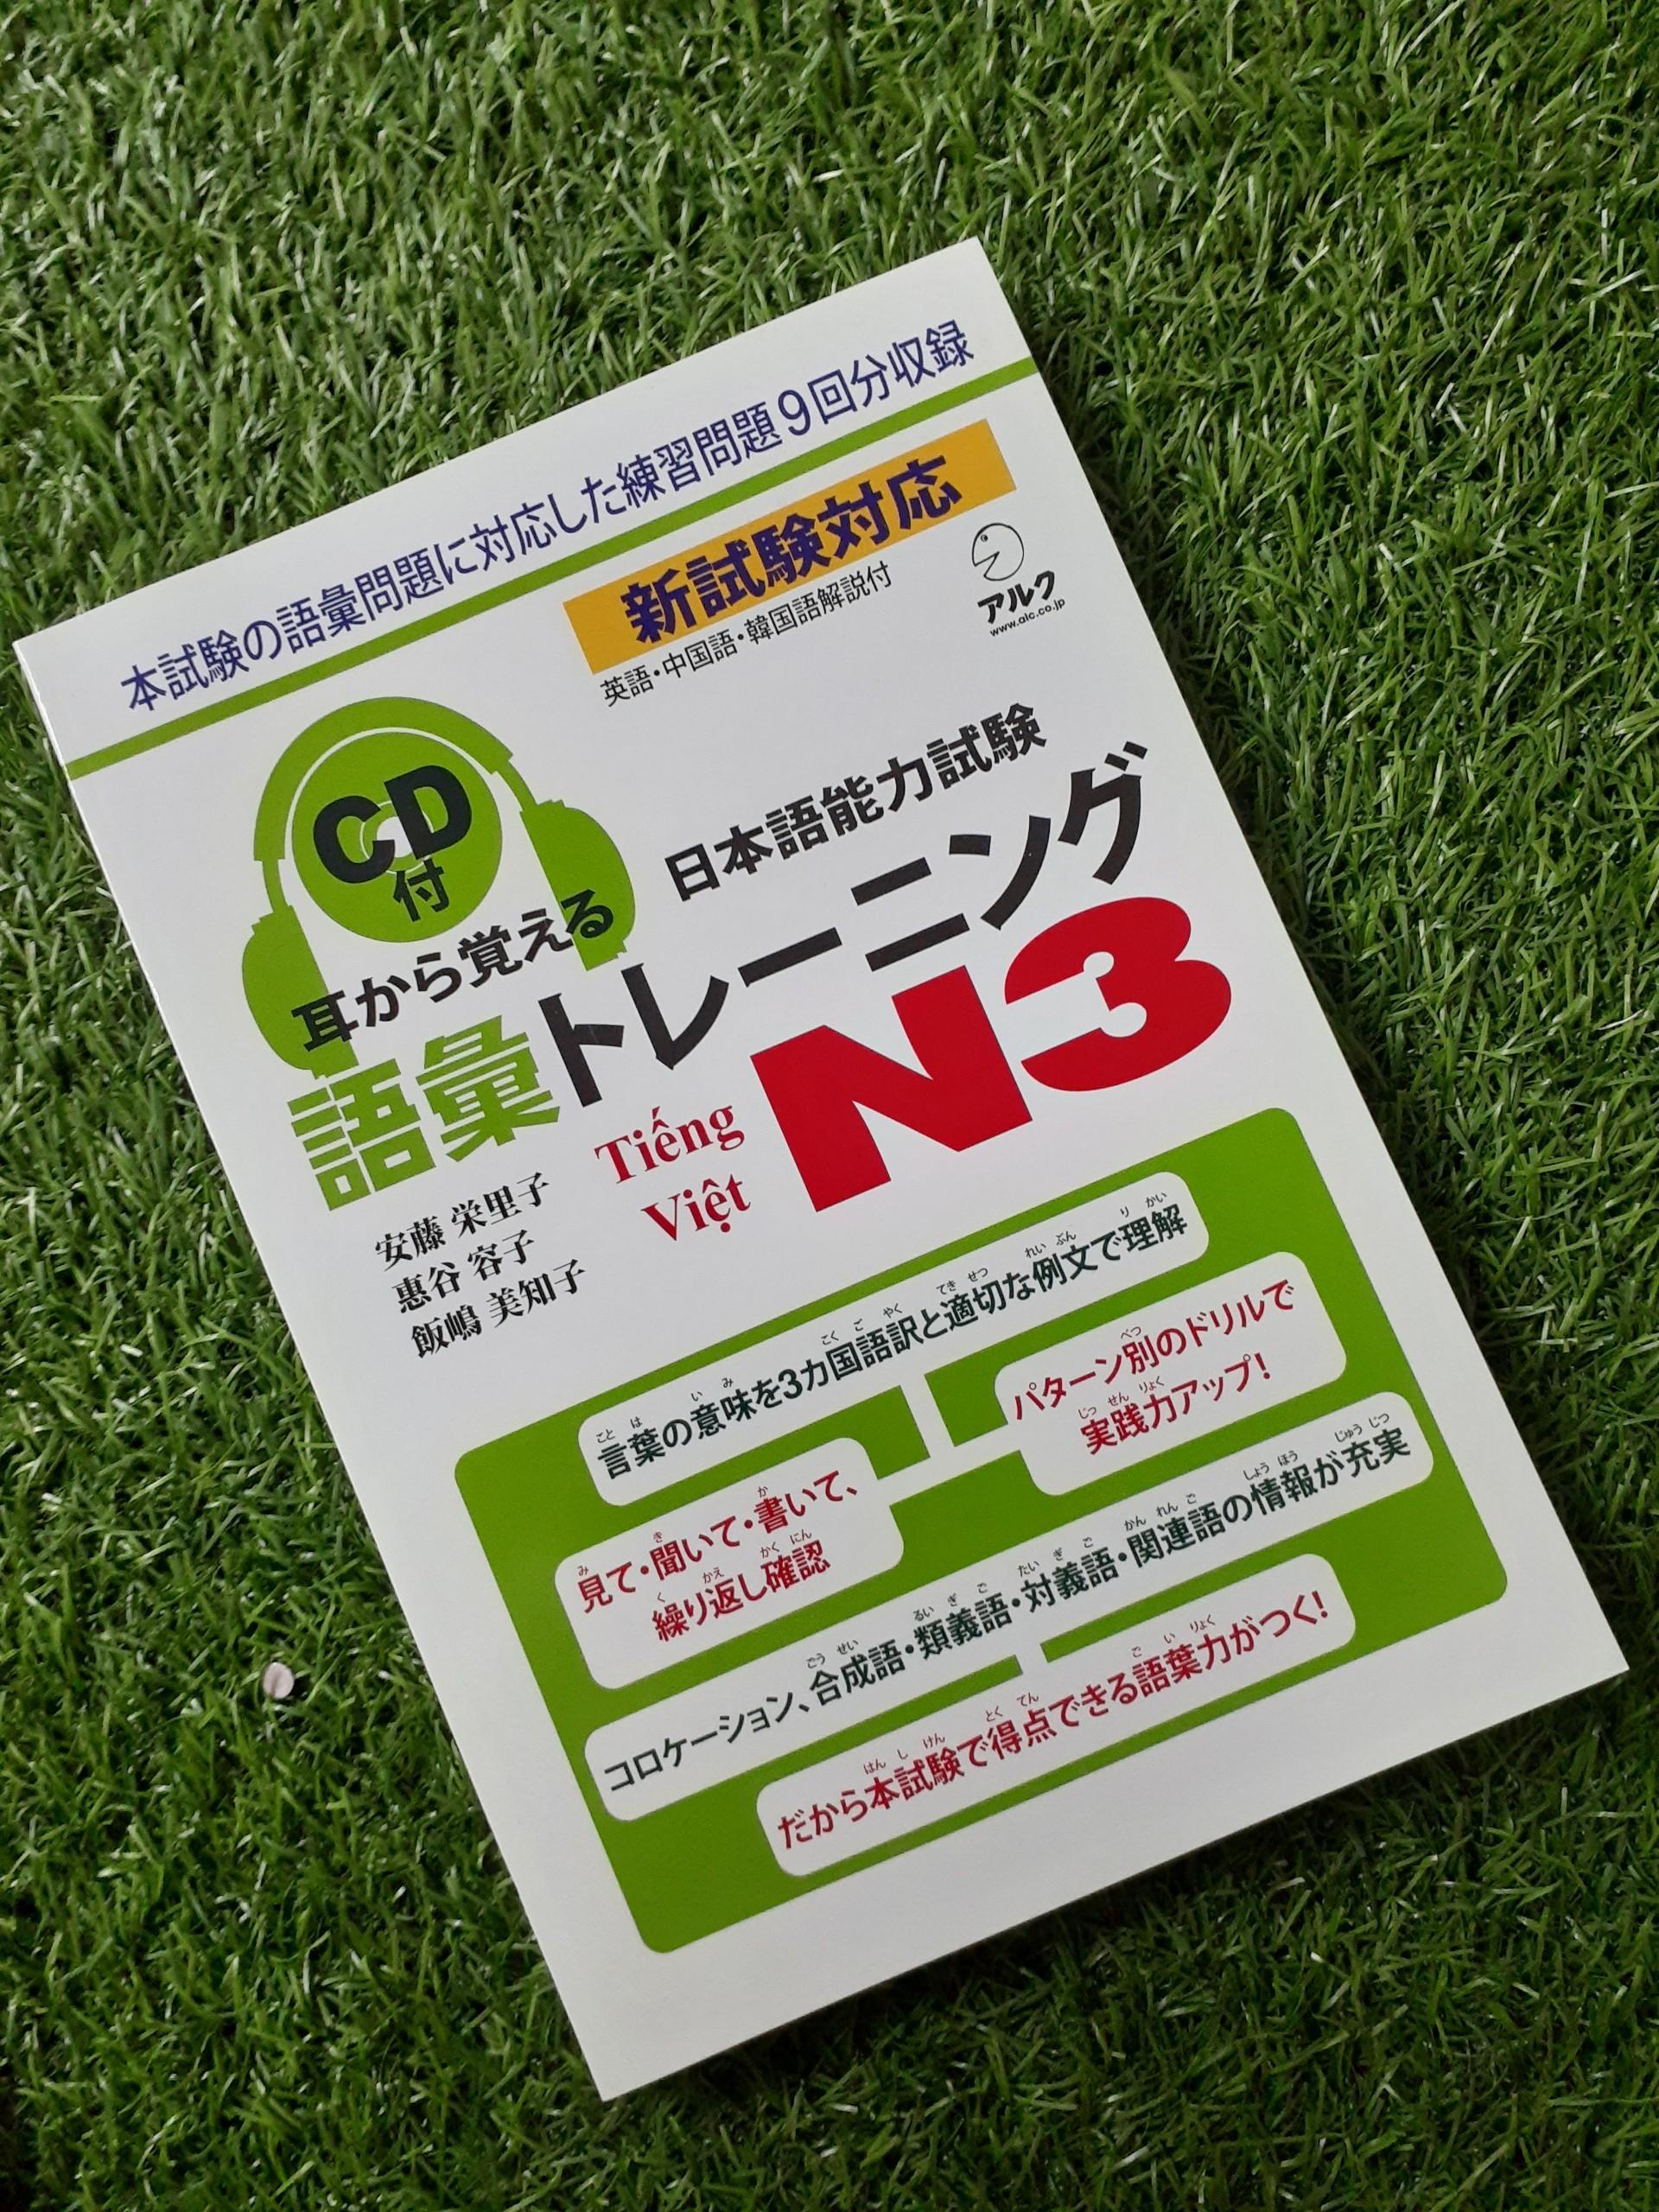 Sách Tiếng Nhật - Mimikara Oboeru N3 - Từ Vựng (in Màu) Không Thể Rẻ Hơn tại Lazada